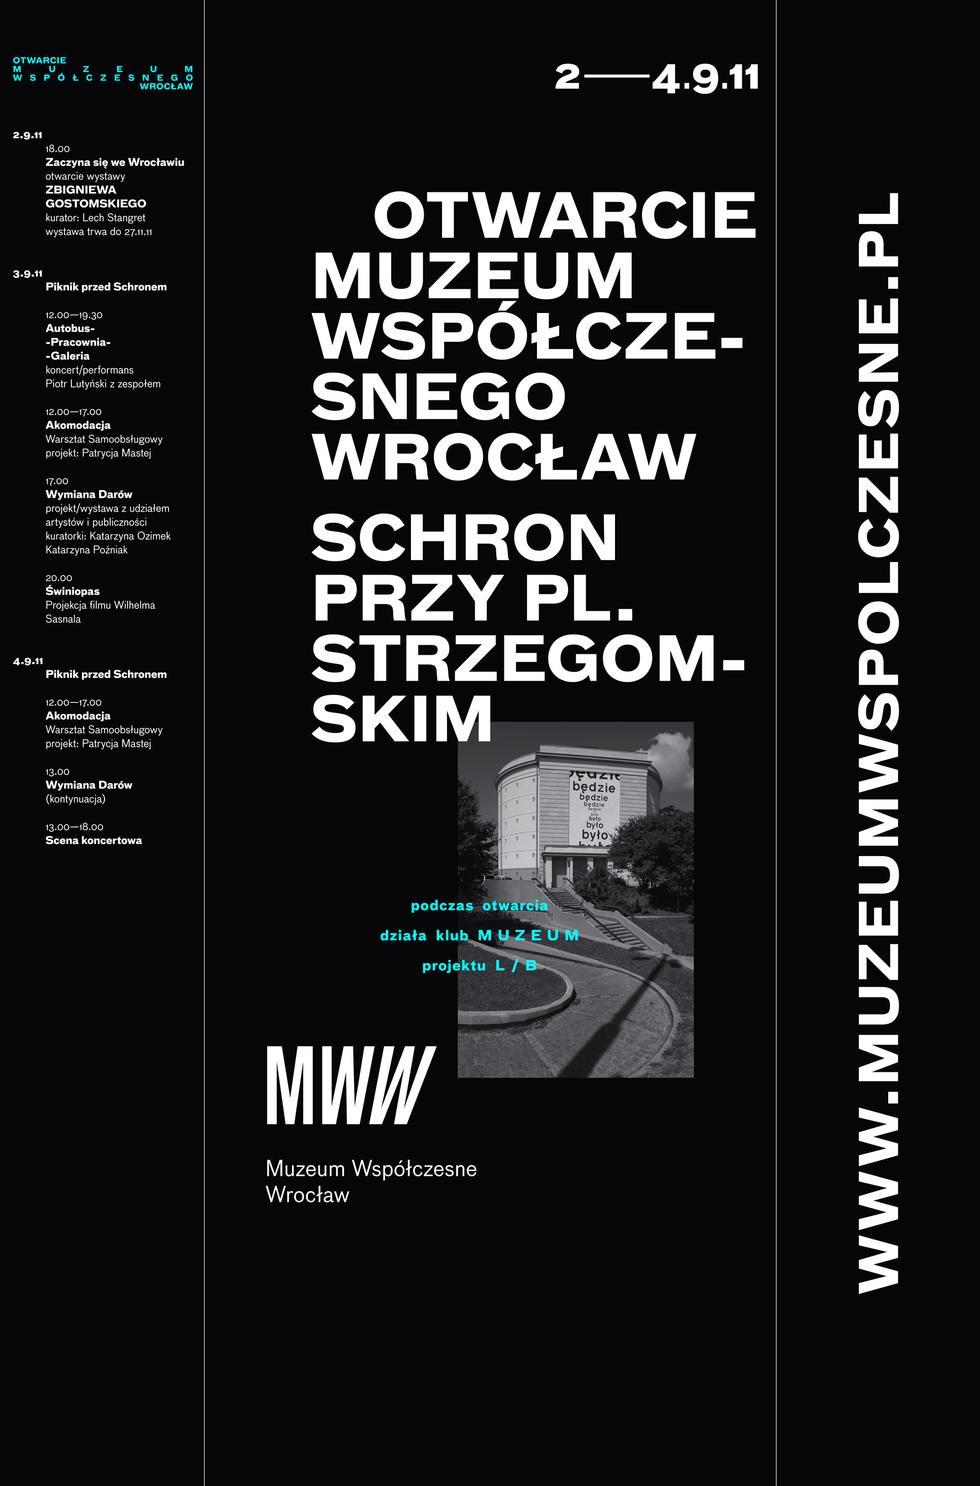 fotka z /zdjecia/muzeumwspolczesneplakat.jpg